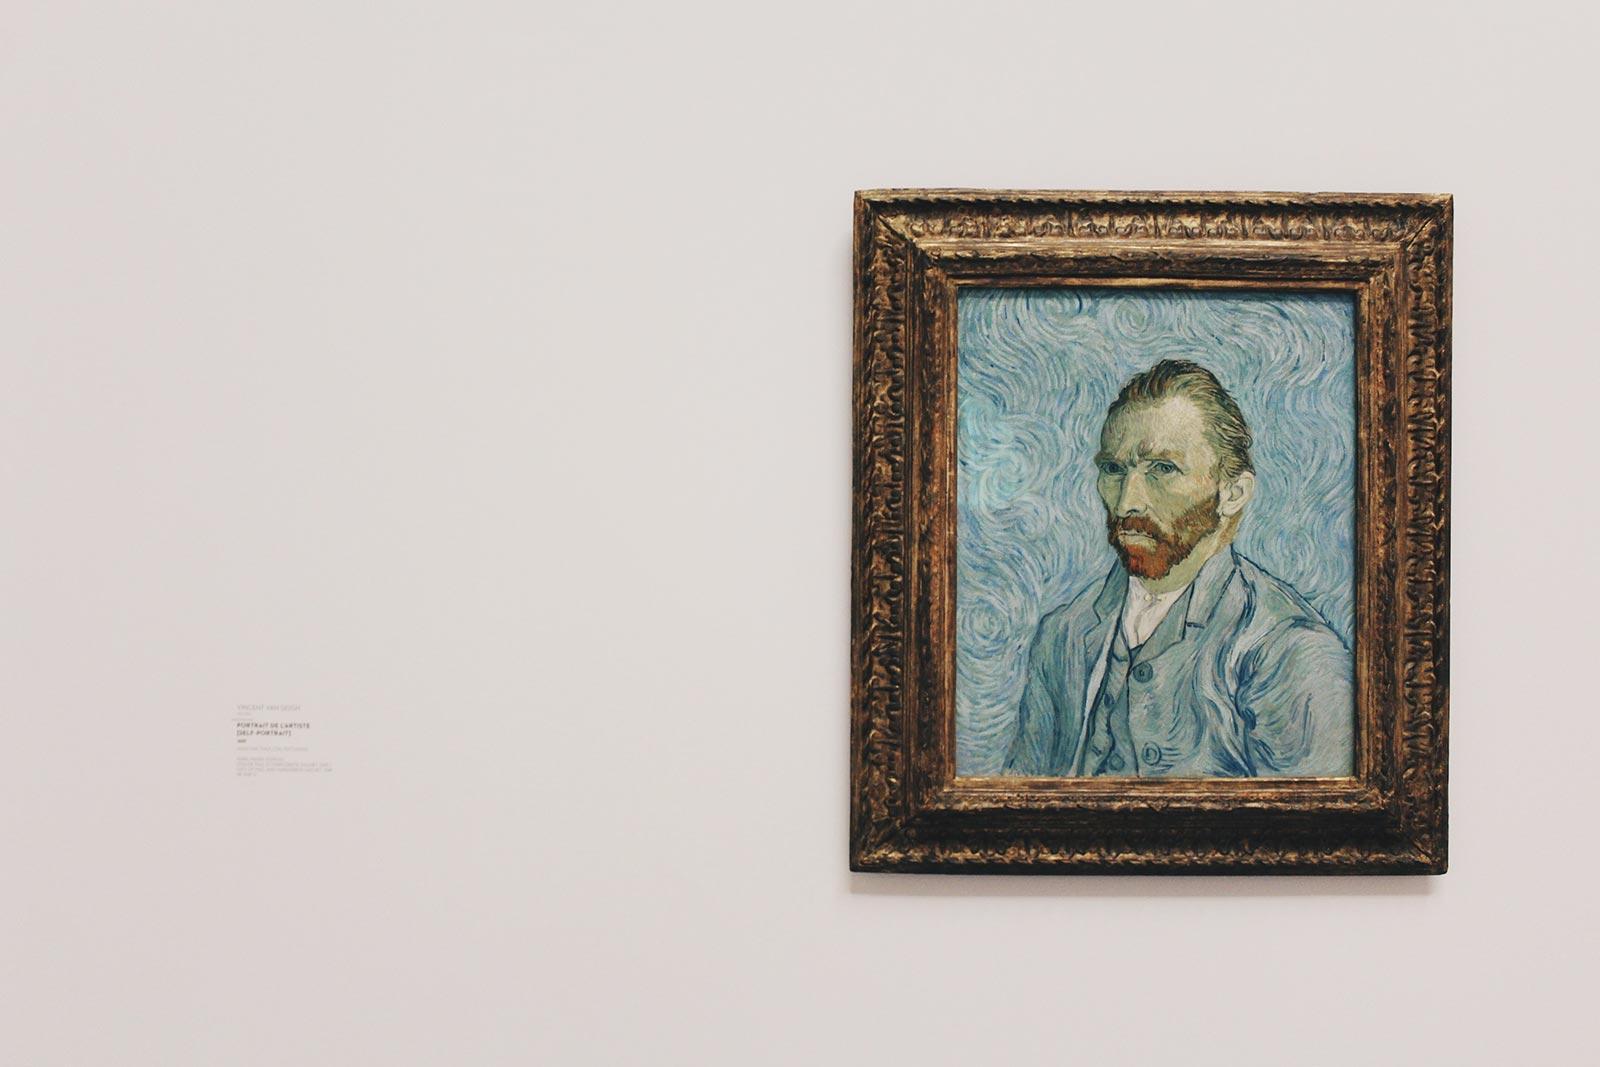 Vincent van Gogh's 'Self Portrait' (1889)